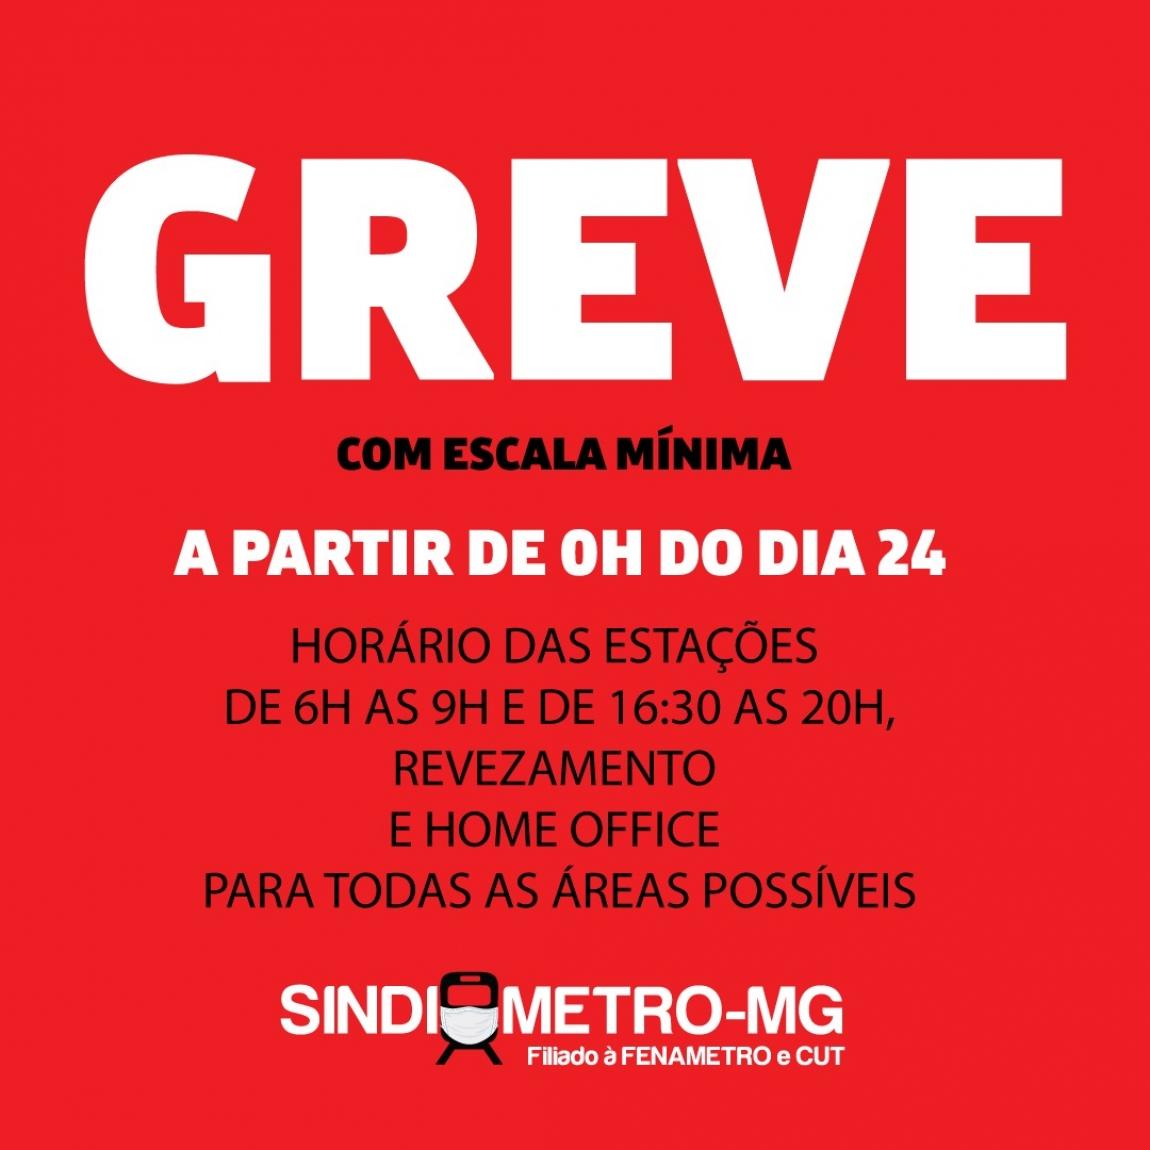 Imagem de Belo Horizonte: Metroviários anunciam paralisação com escala mínima para defender a vida de todos contra COVID-19